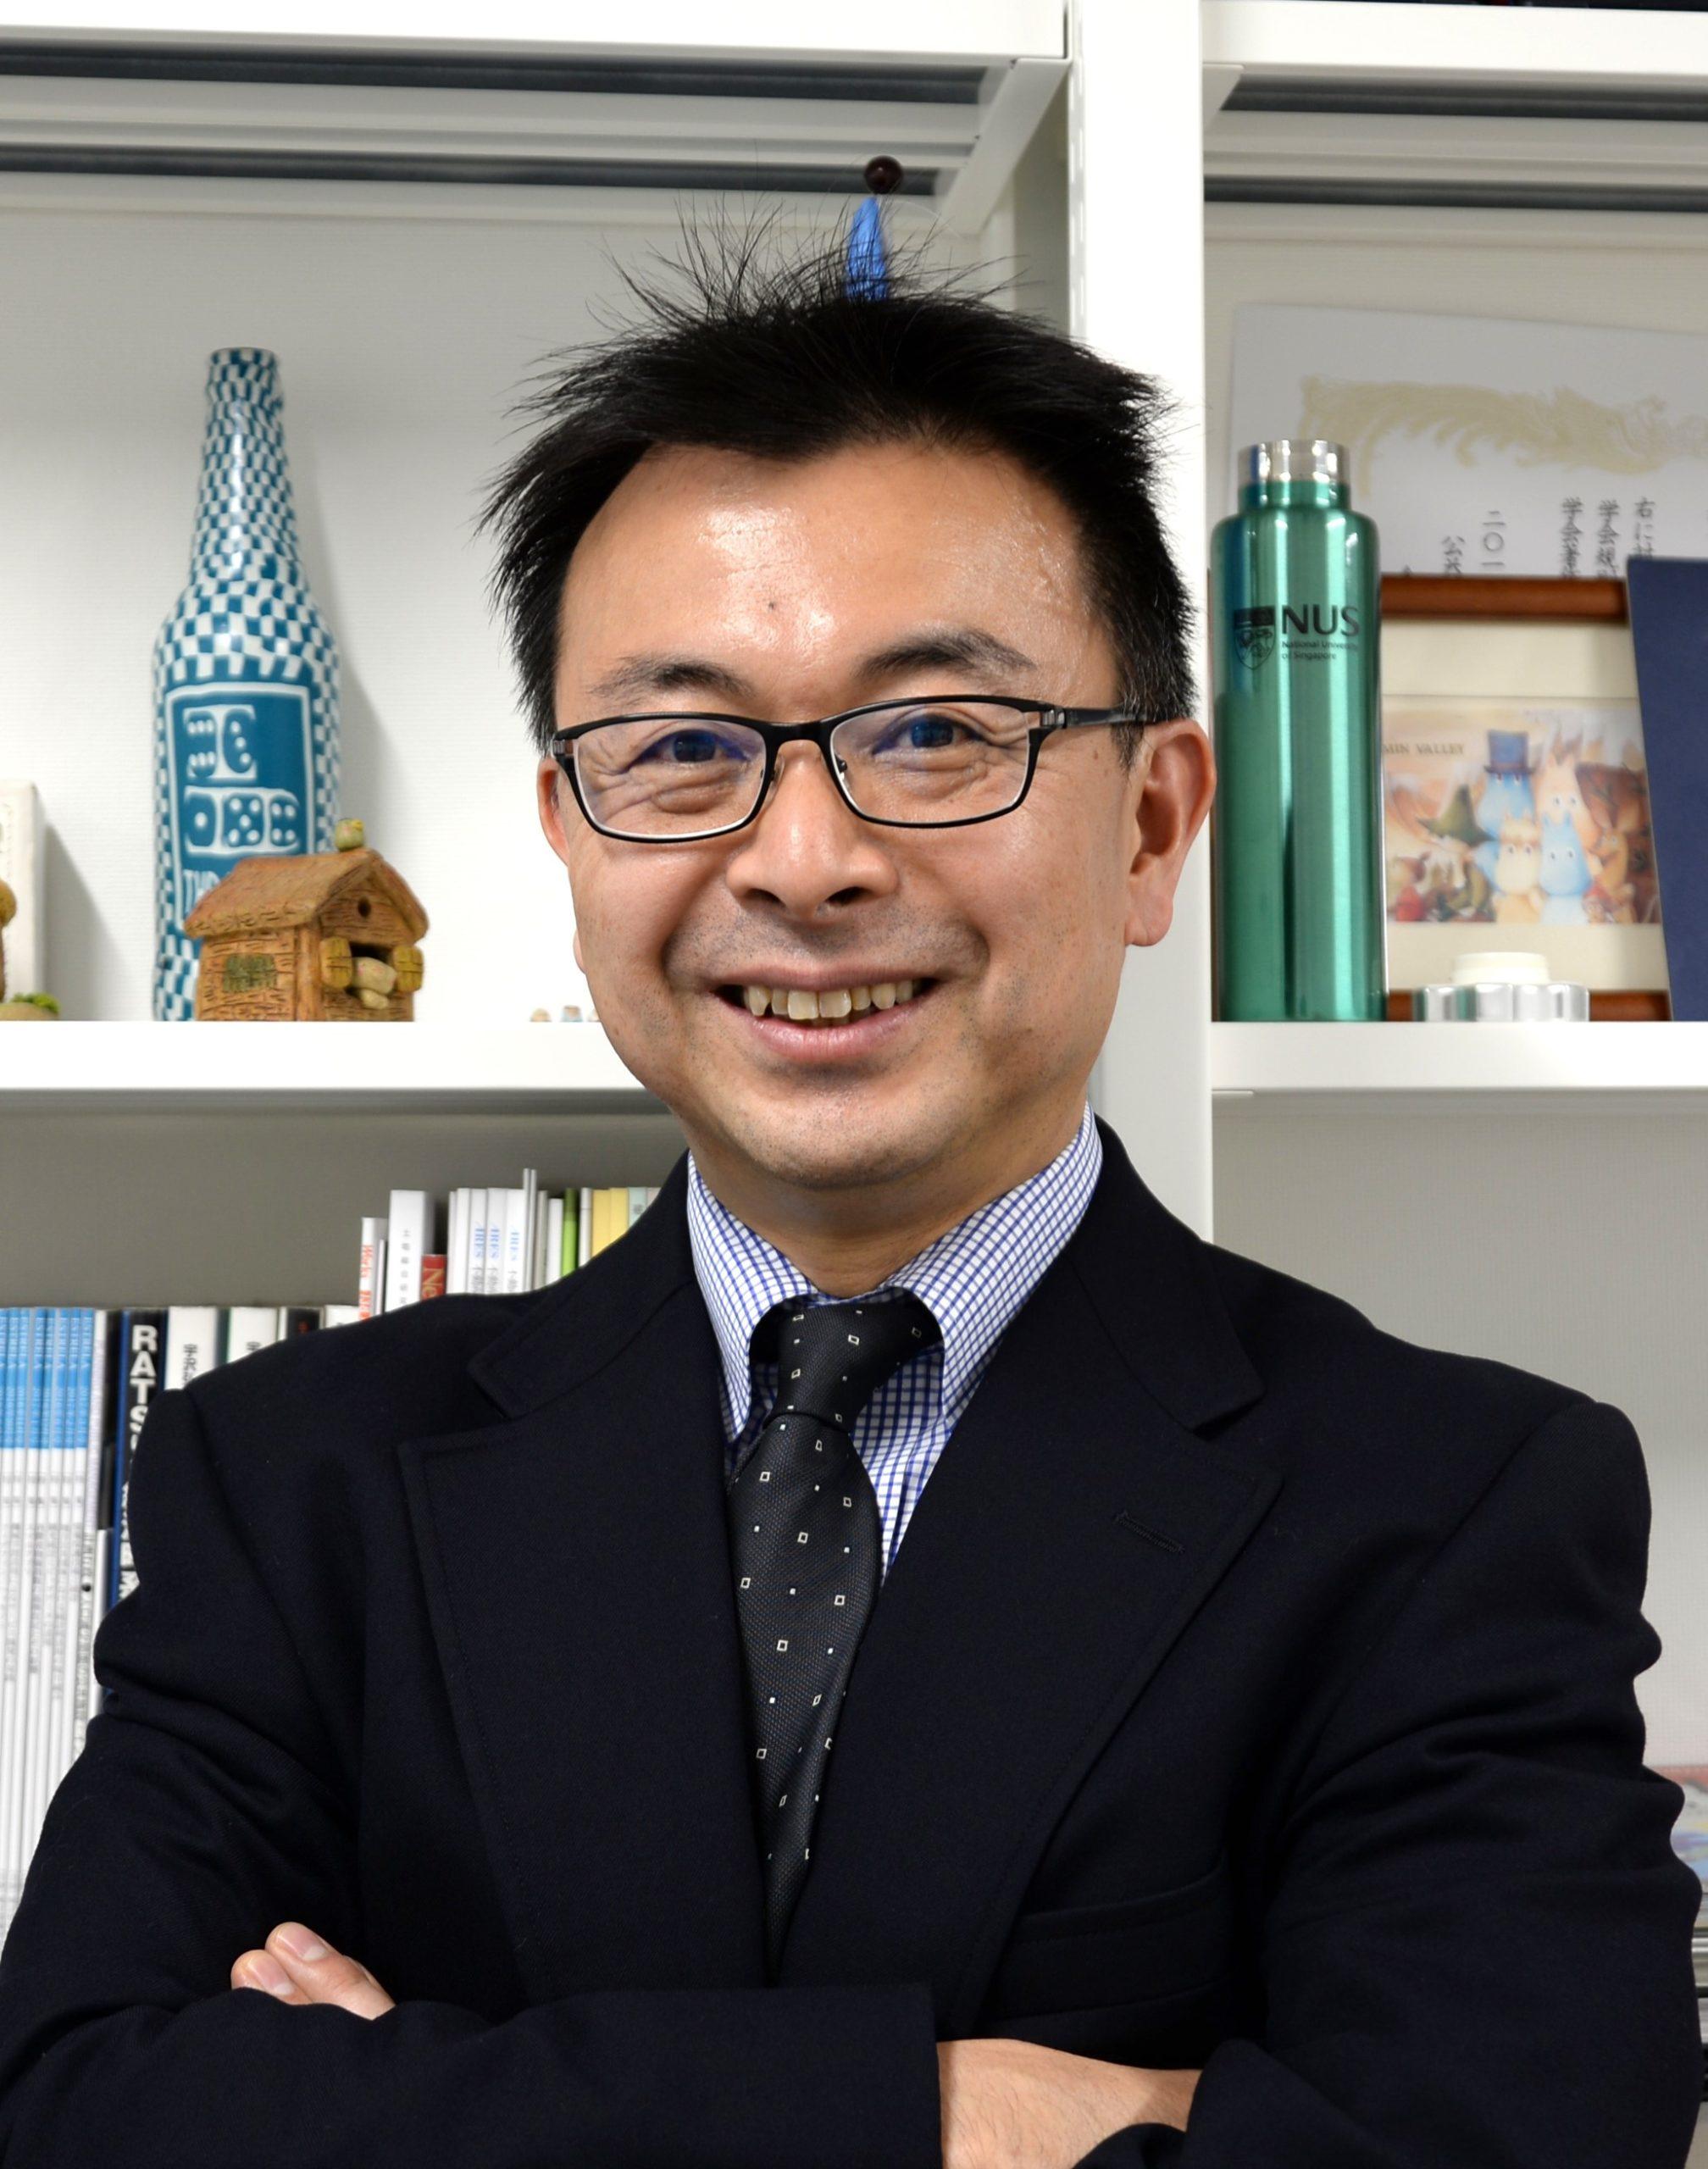 企業は不動産とどのように向き合うべきか?<br> 東京大学空間情報科学研究センター特任教授 清水千弘